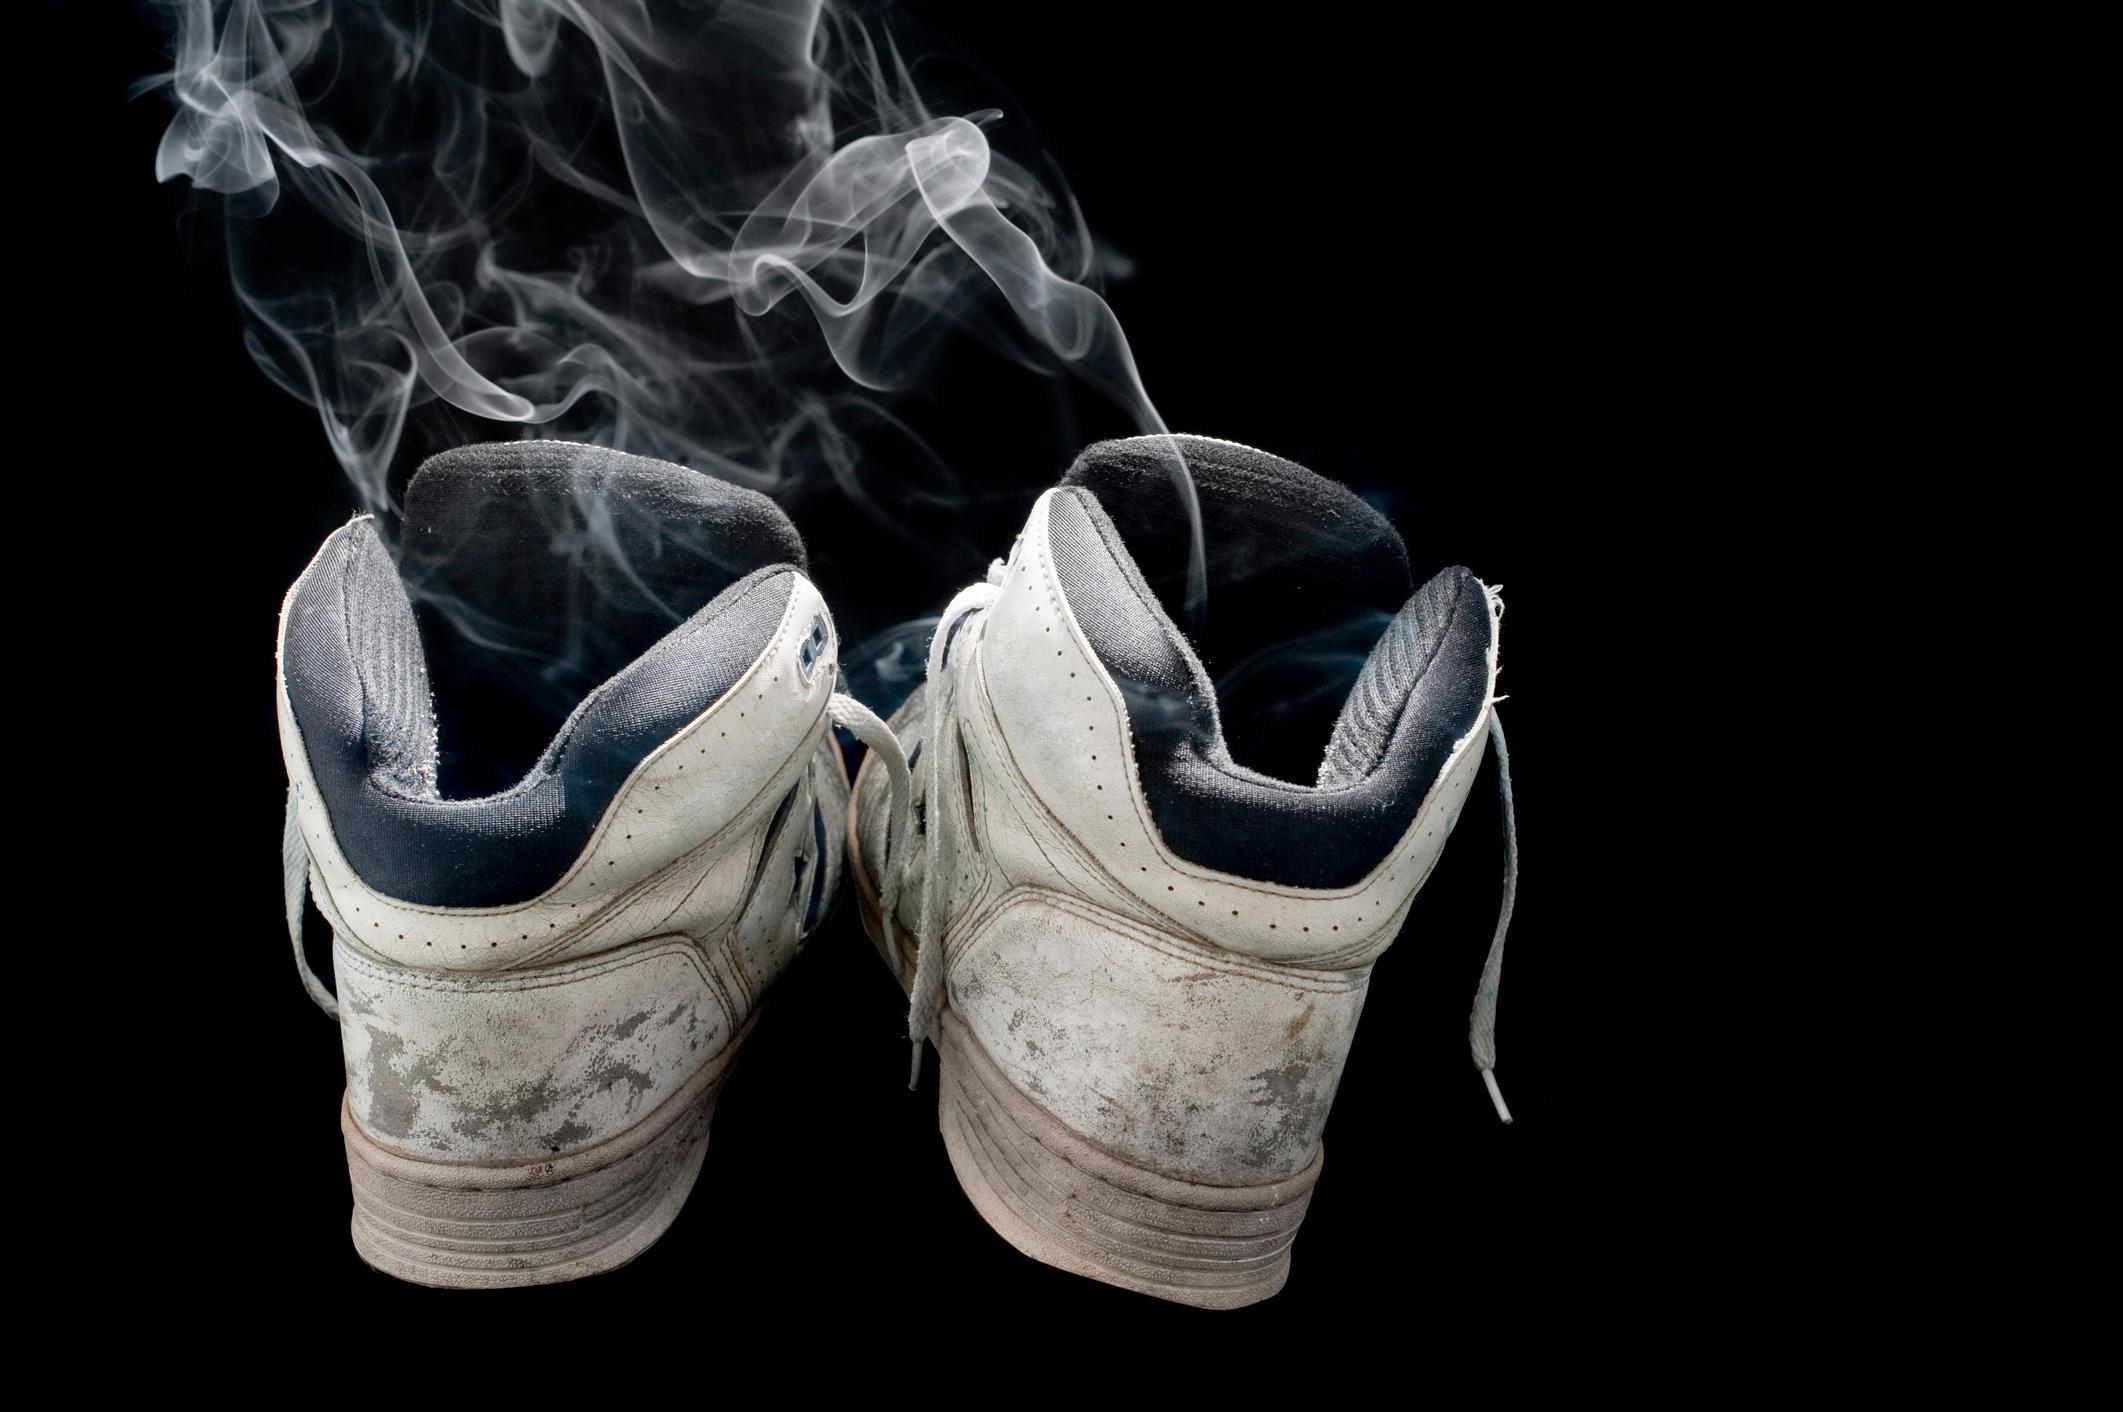 Zu hause stinkst gegen blen geruch helfen diese hausmittel - Essig kochen gegen geruch ...